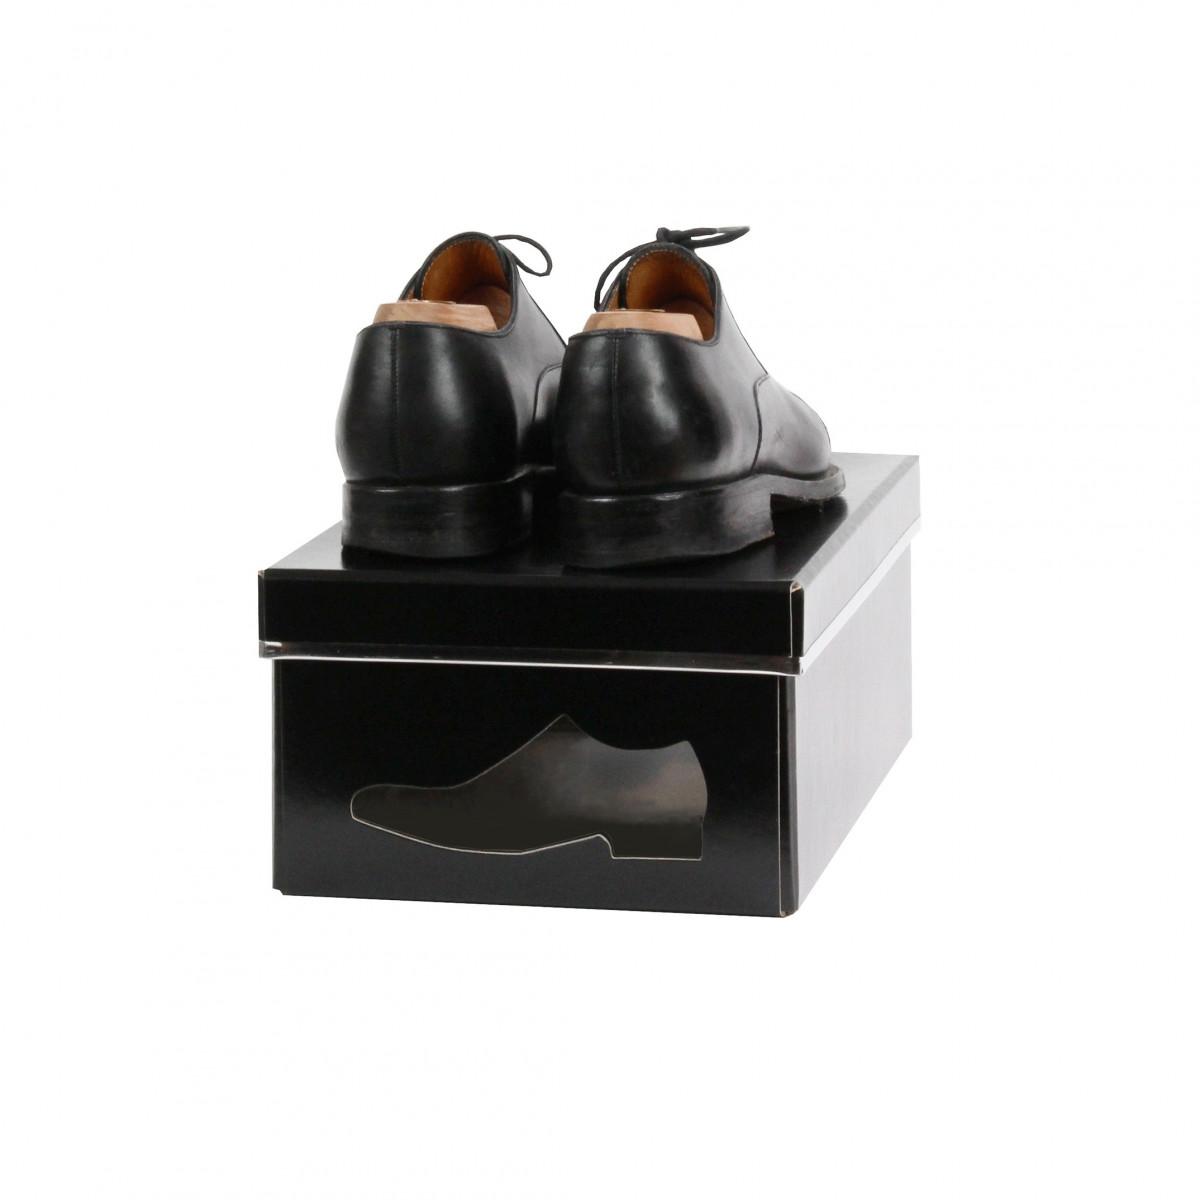 Bo te chaussures en carton noir rangement - Boite rangement chaussures plastique ...